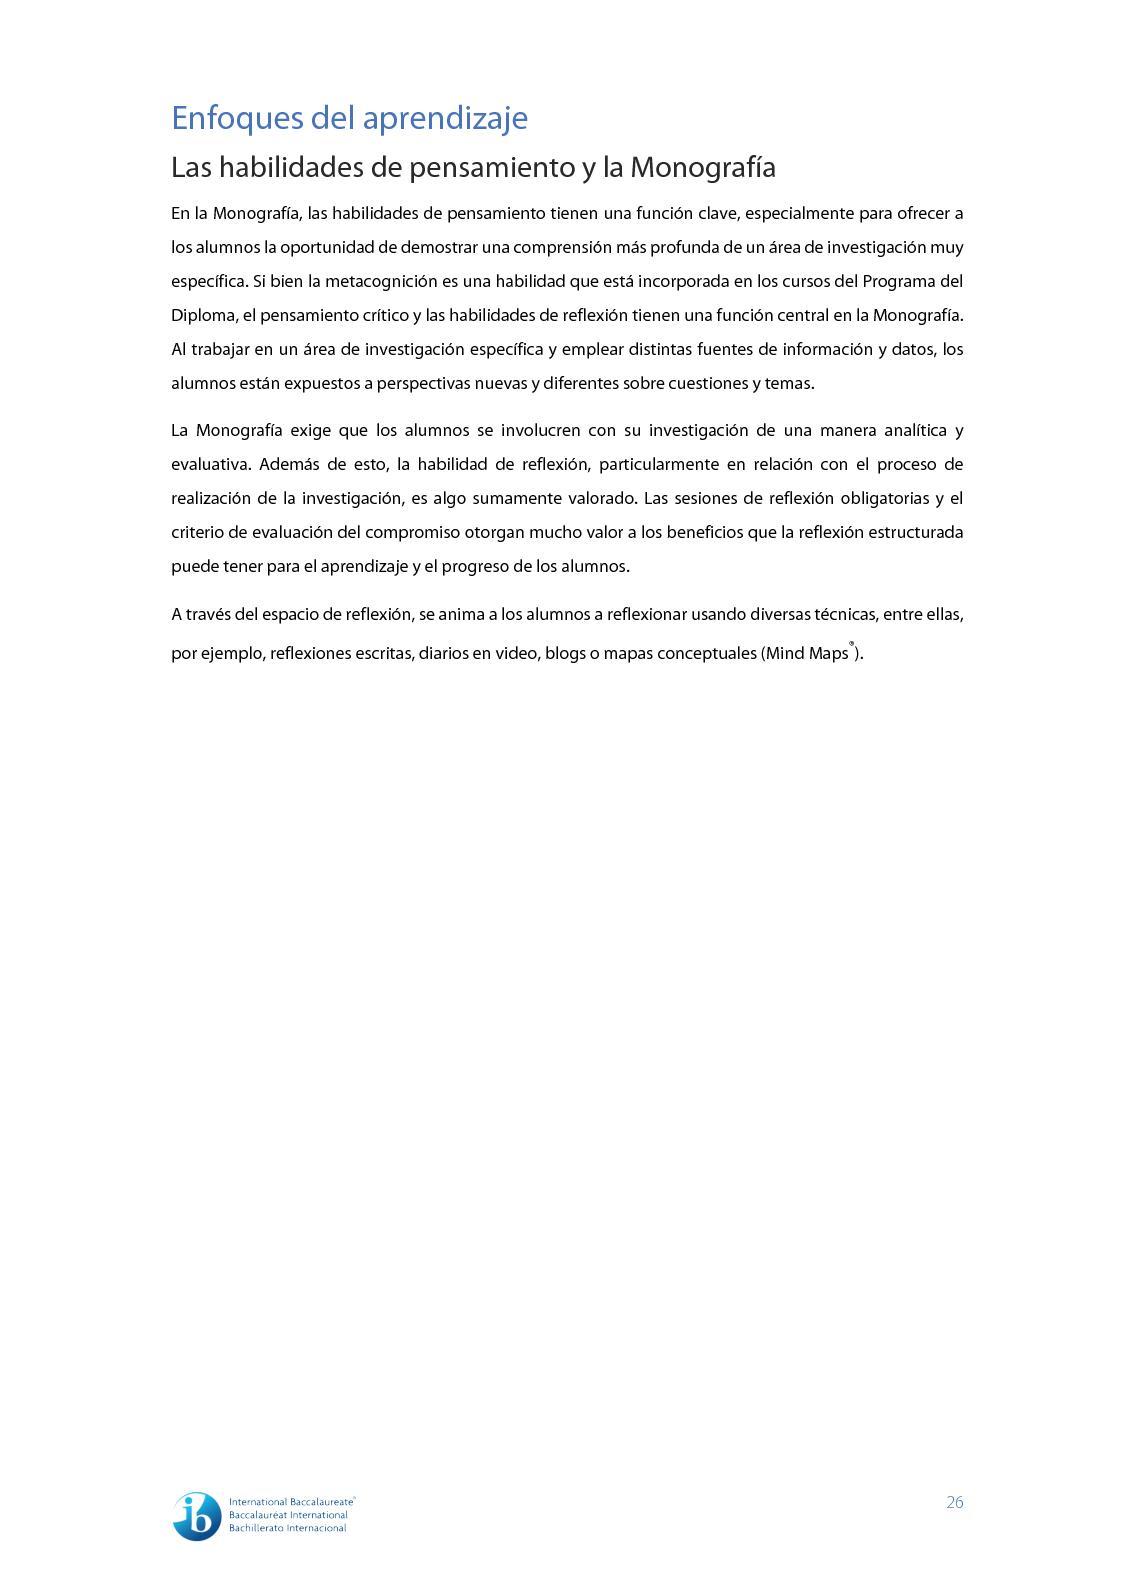 guía de monografía 2017 calameo downloader153 Monografia Preco #7